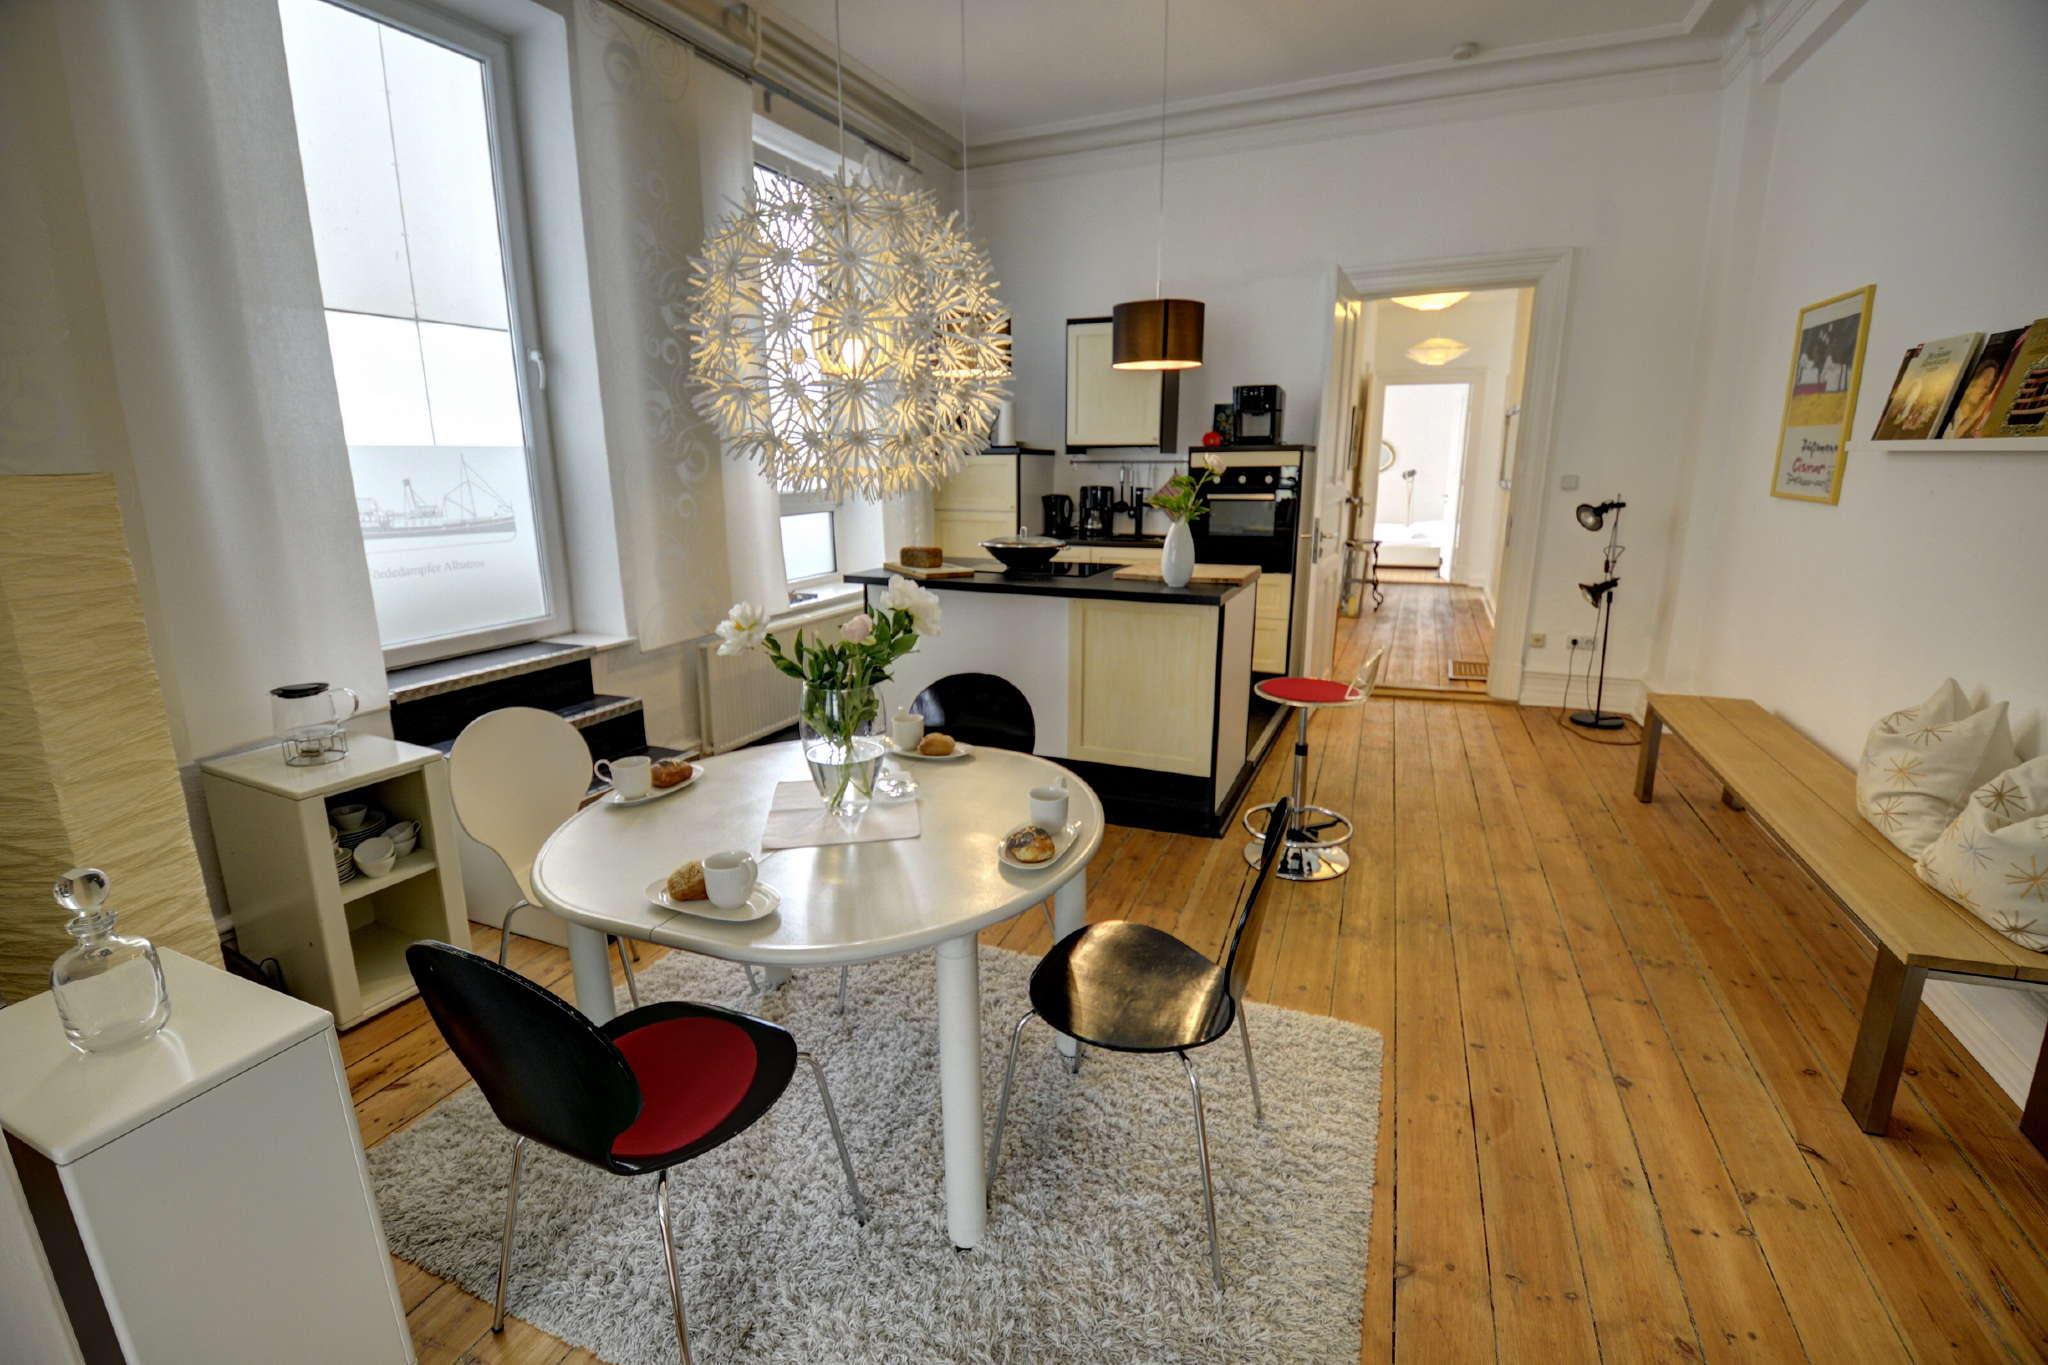 ferienwohnung albatros klein in flensburg schleswig holstein g nter blankenagel. Black Bedroom Furniture Sets. Home Design Ideas